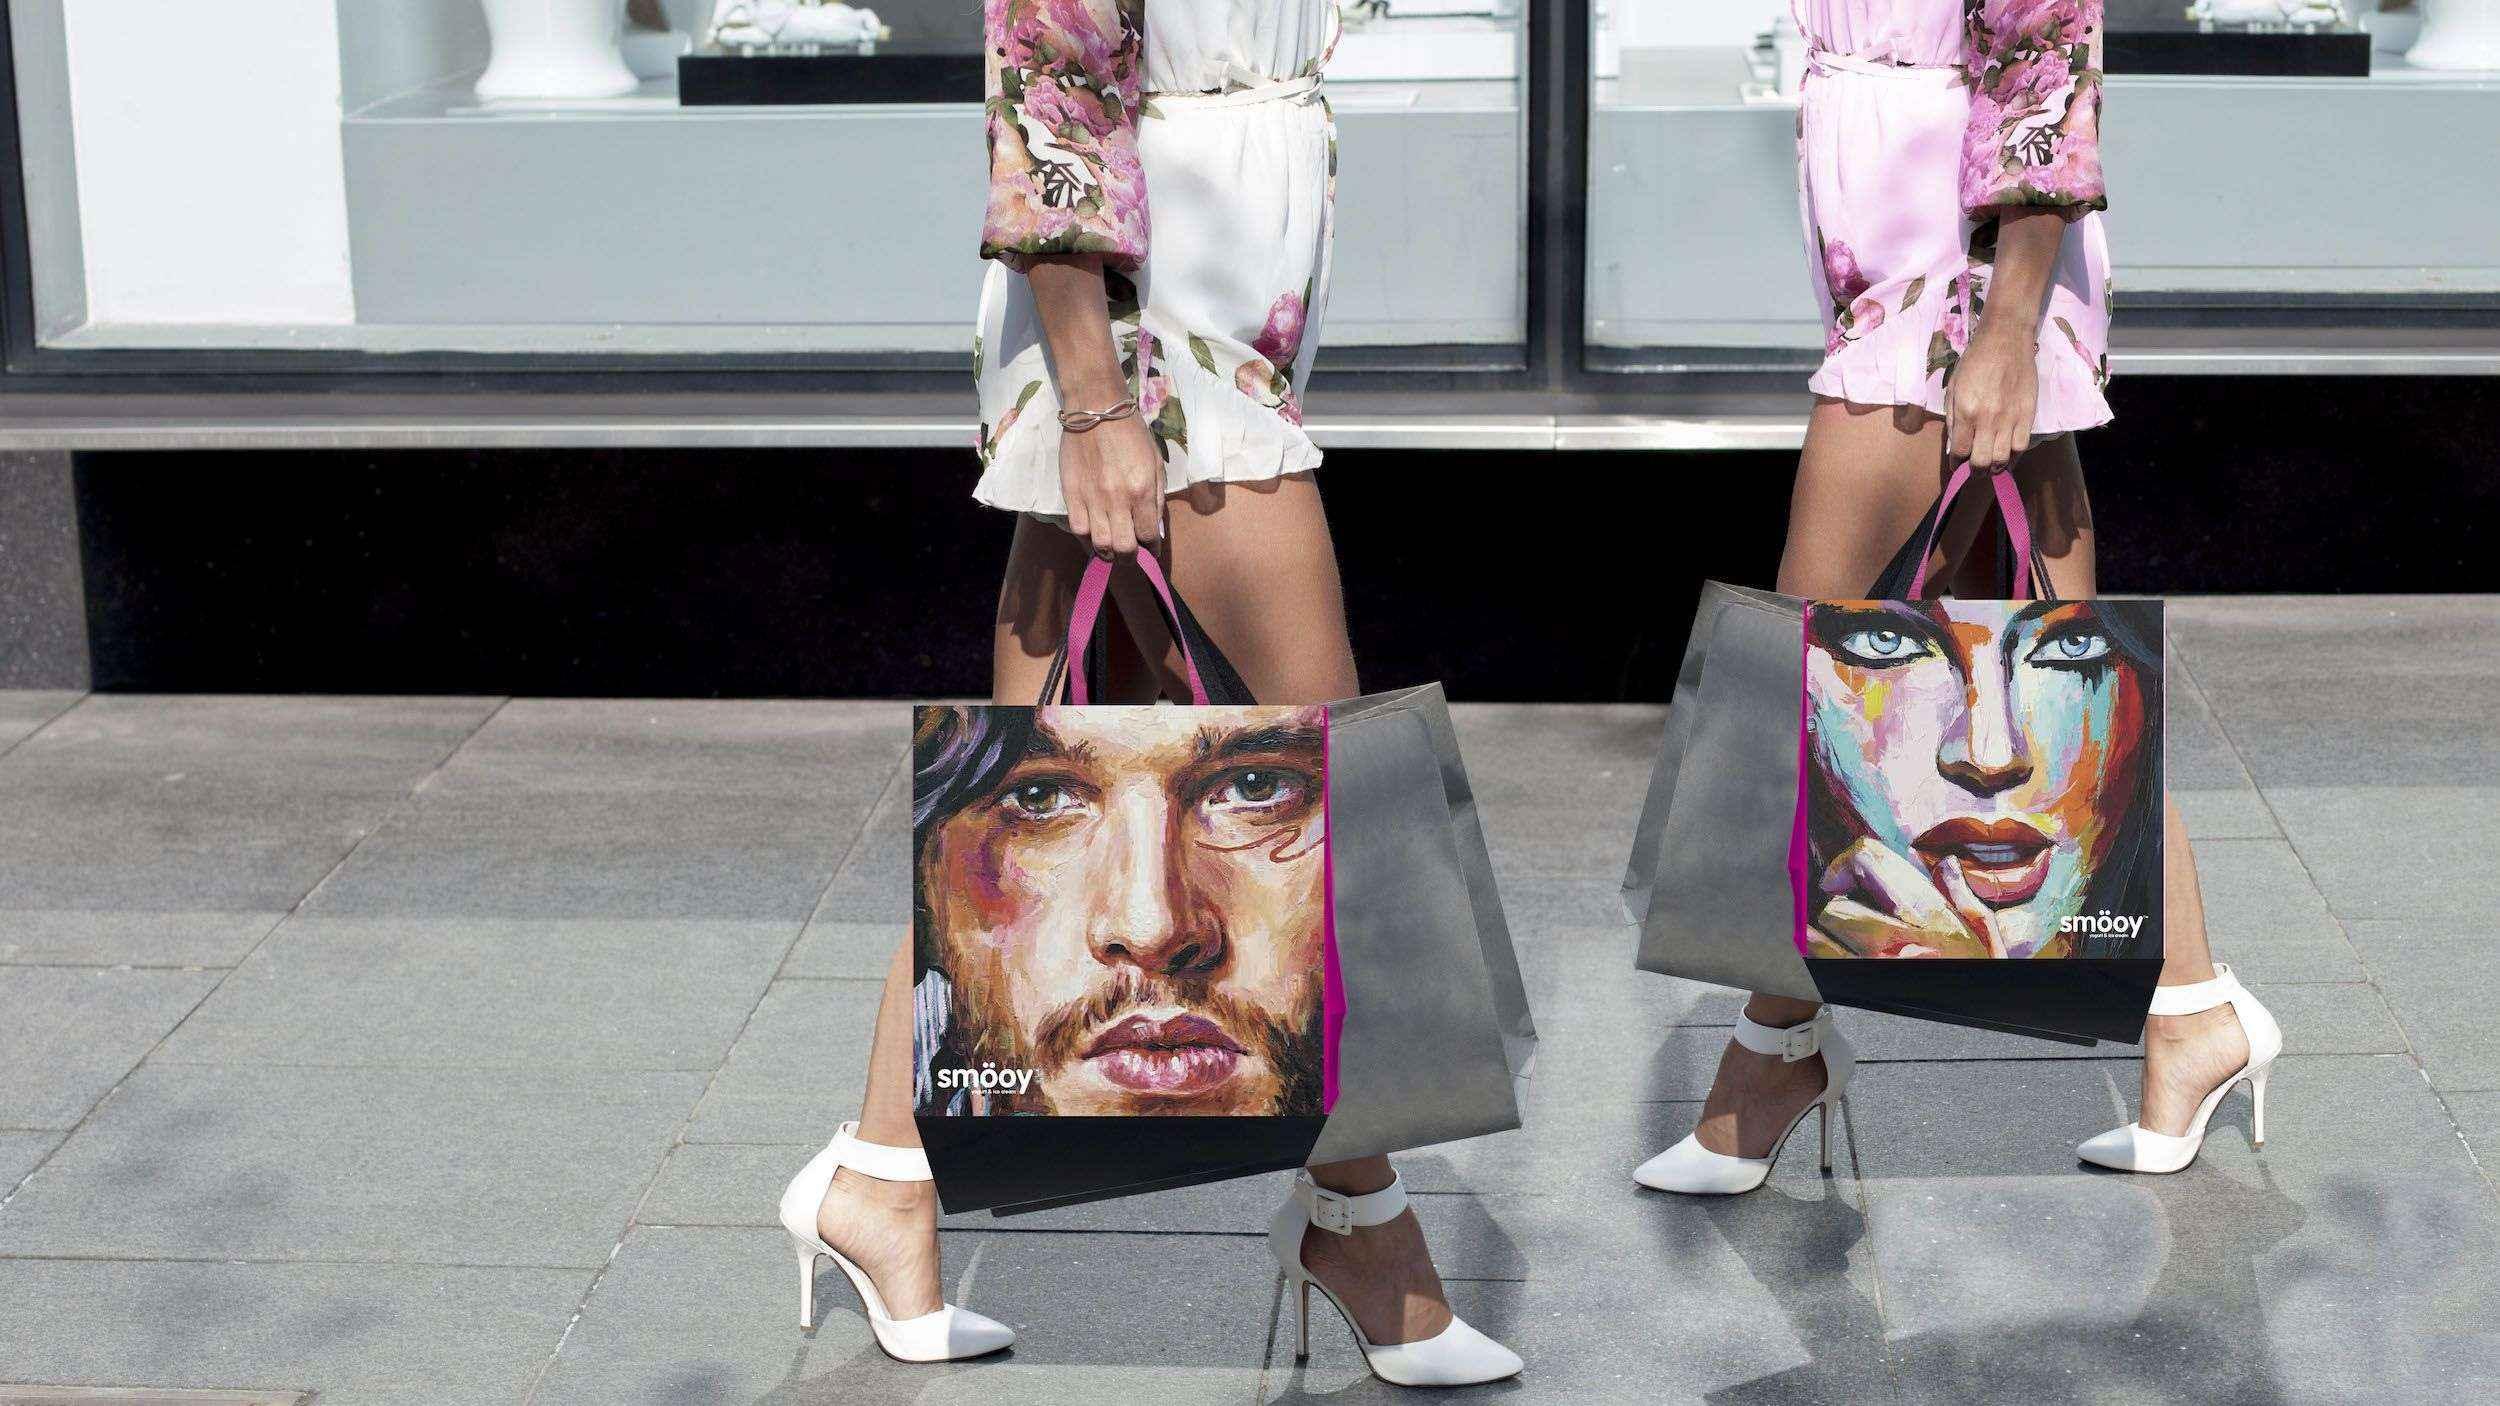 Smöoy lanza la bolsa exclusiva Arte, reutilizable y destinada al take away y delivery